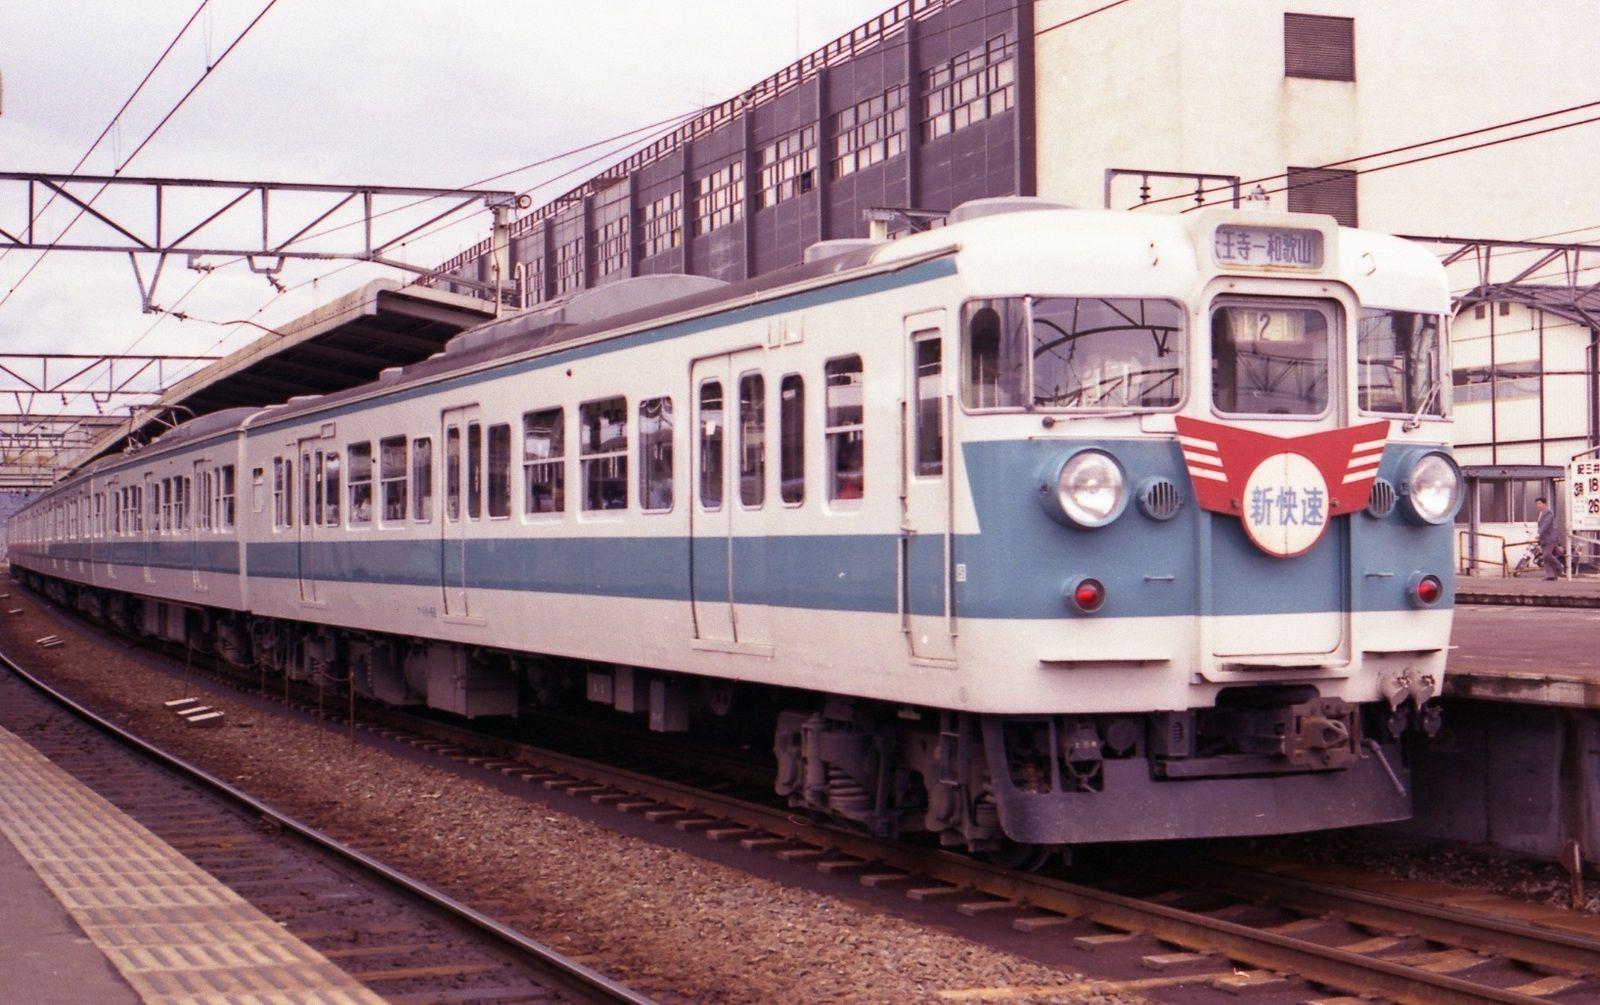 大阪環状線まで来たついでに1976年(昭和51年)~1978年(昭和 ...